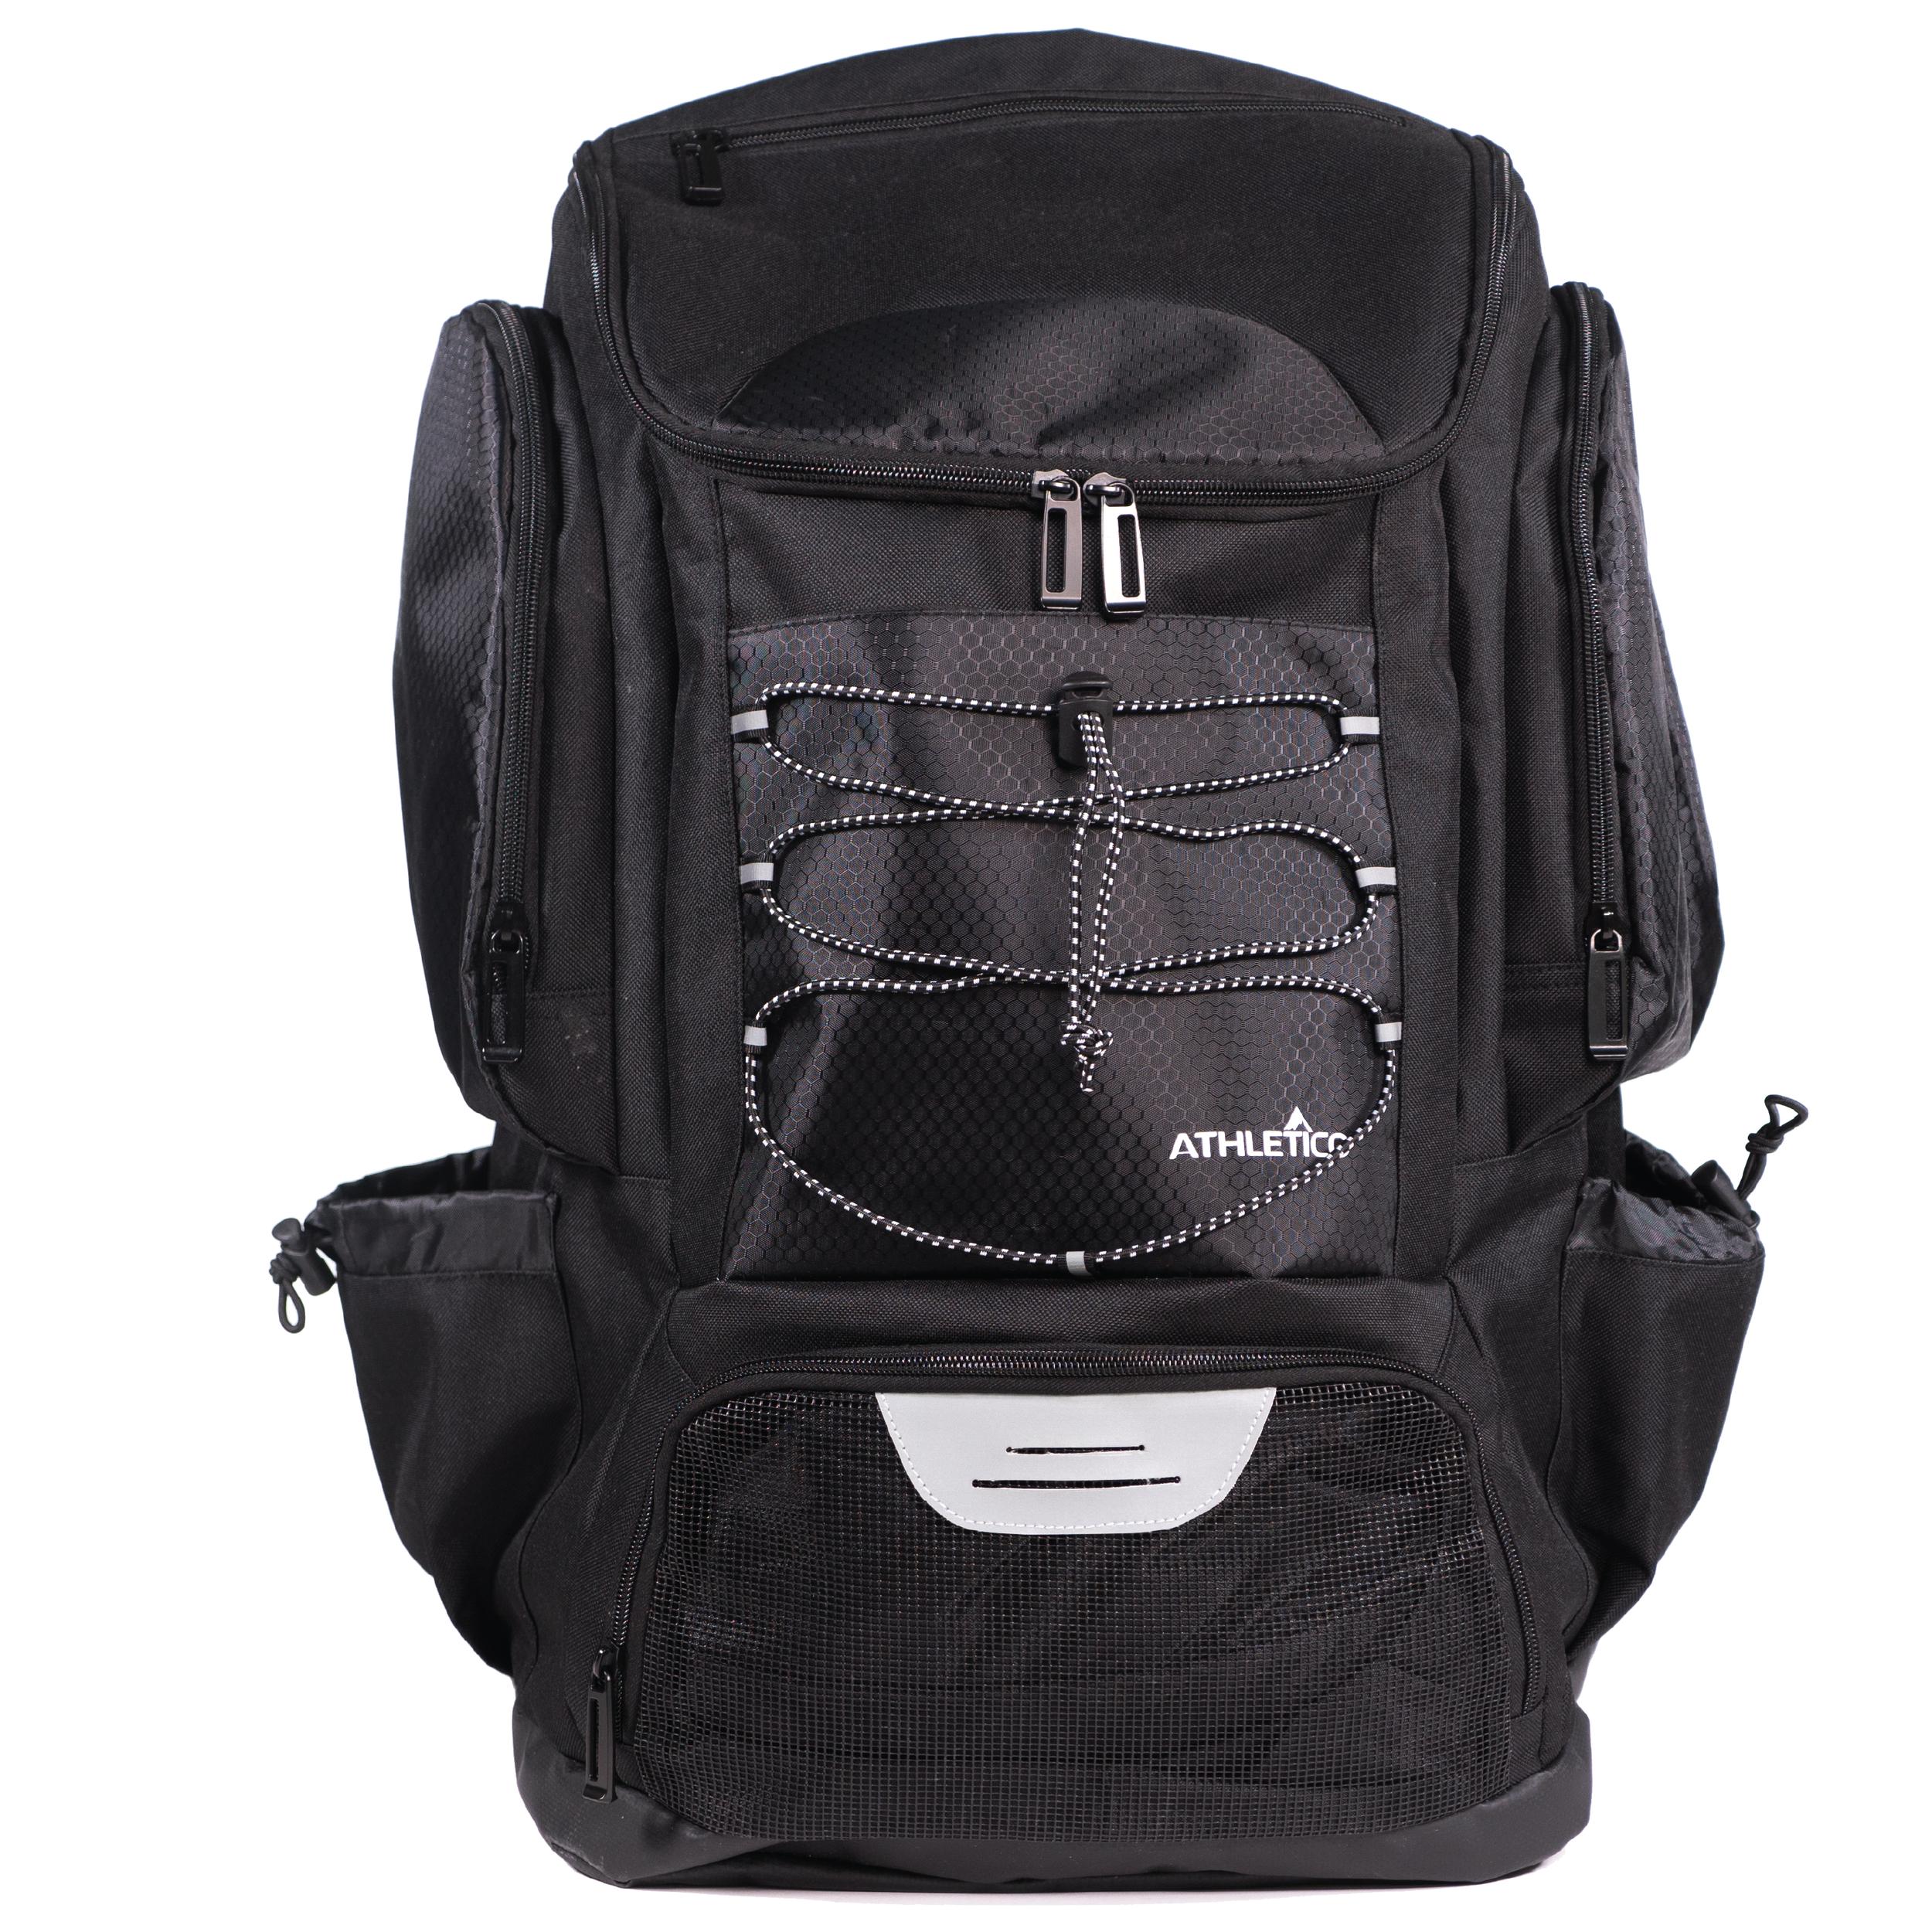 Aqualetics - Swim Backpack